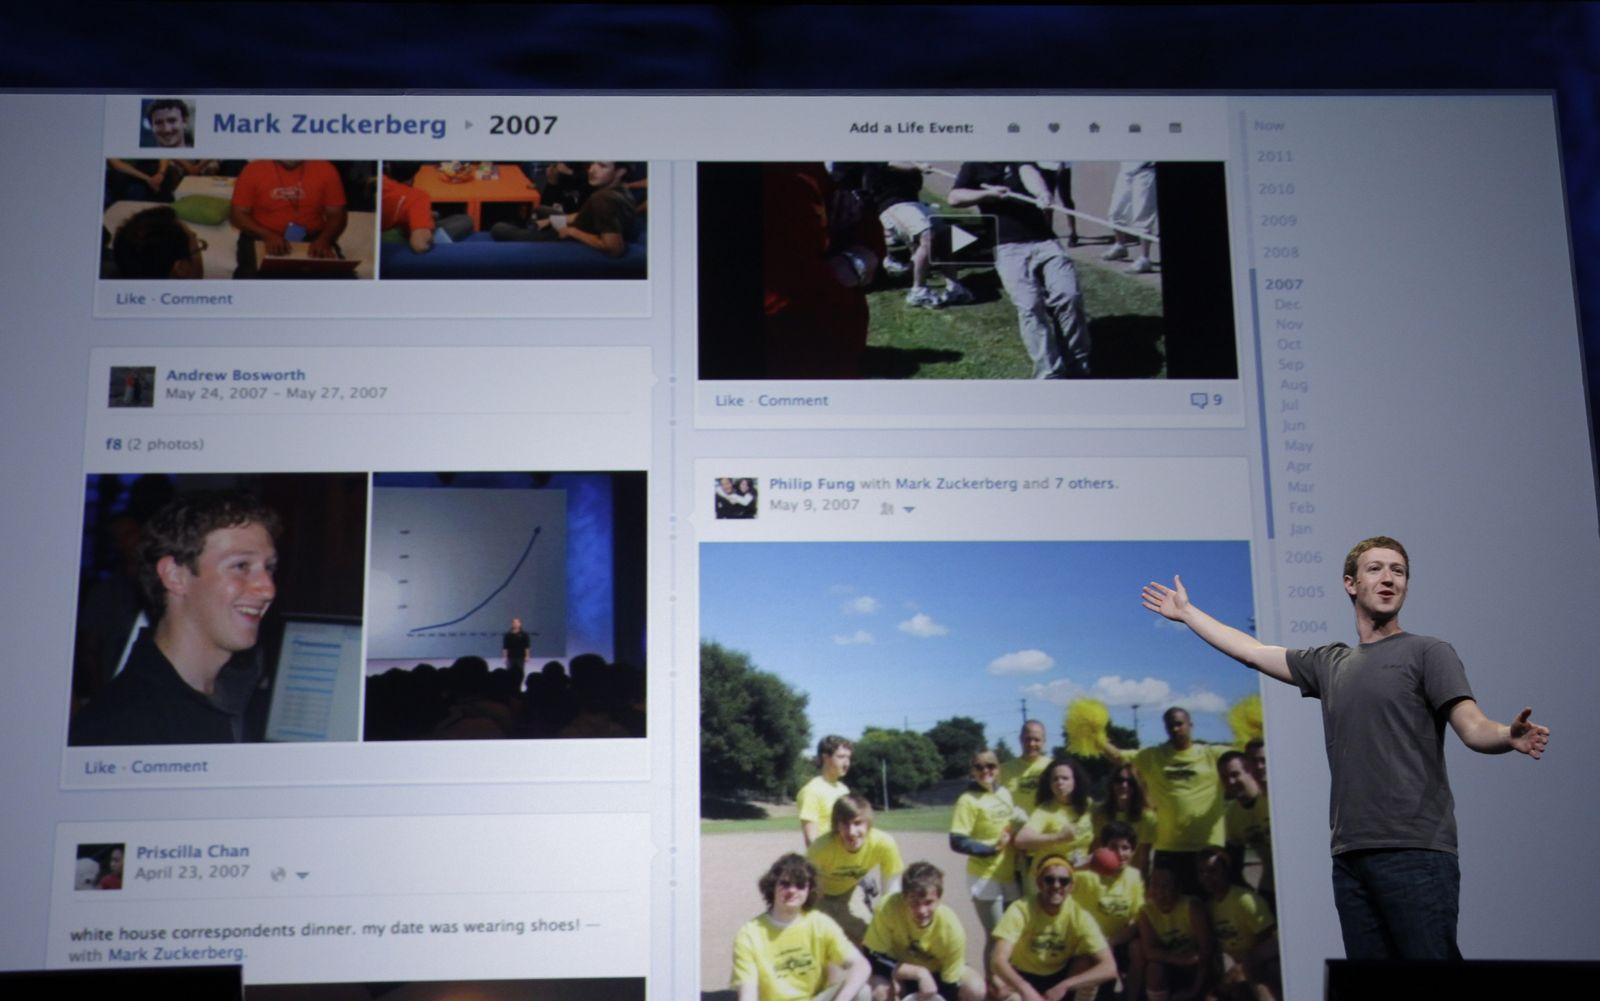 NICHT VERWENDEN Internet/Medien/Soziale Netzwerke